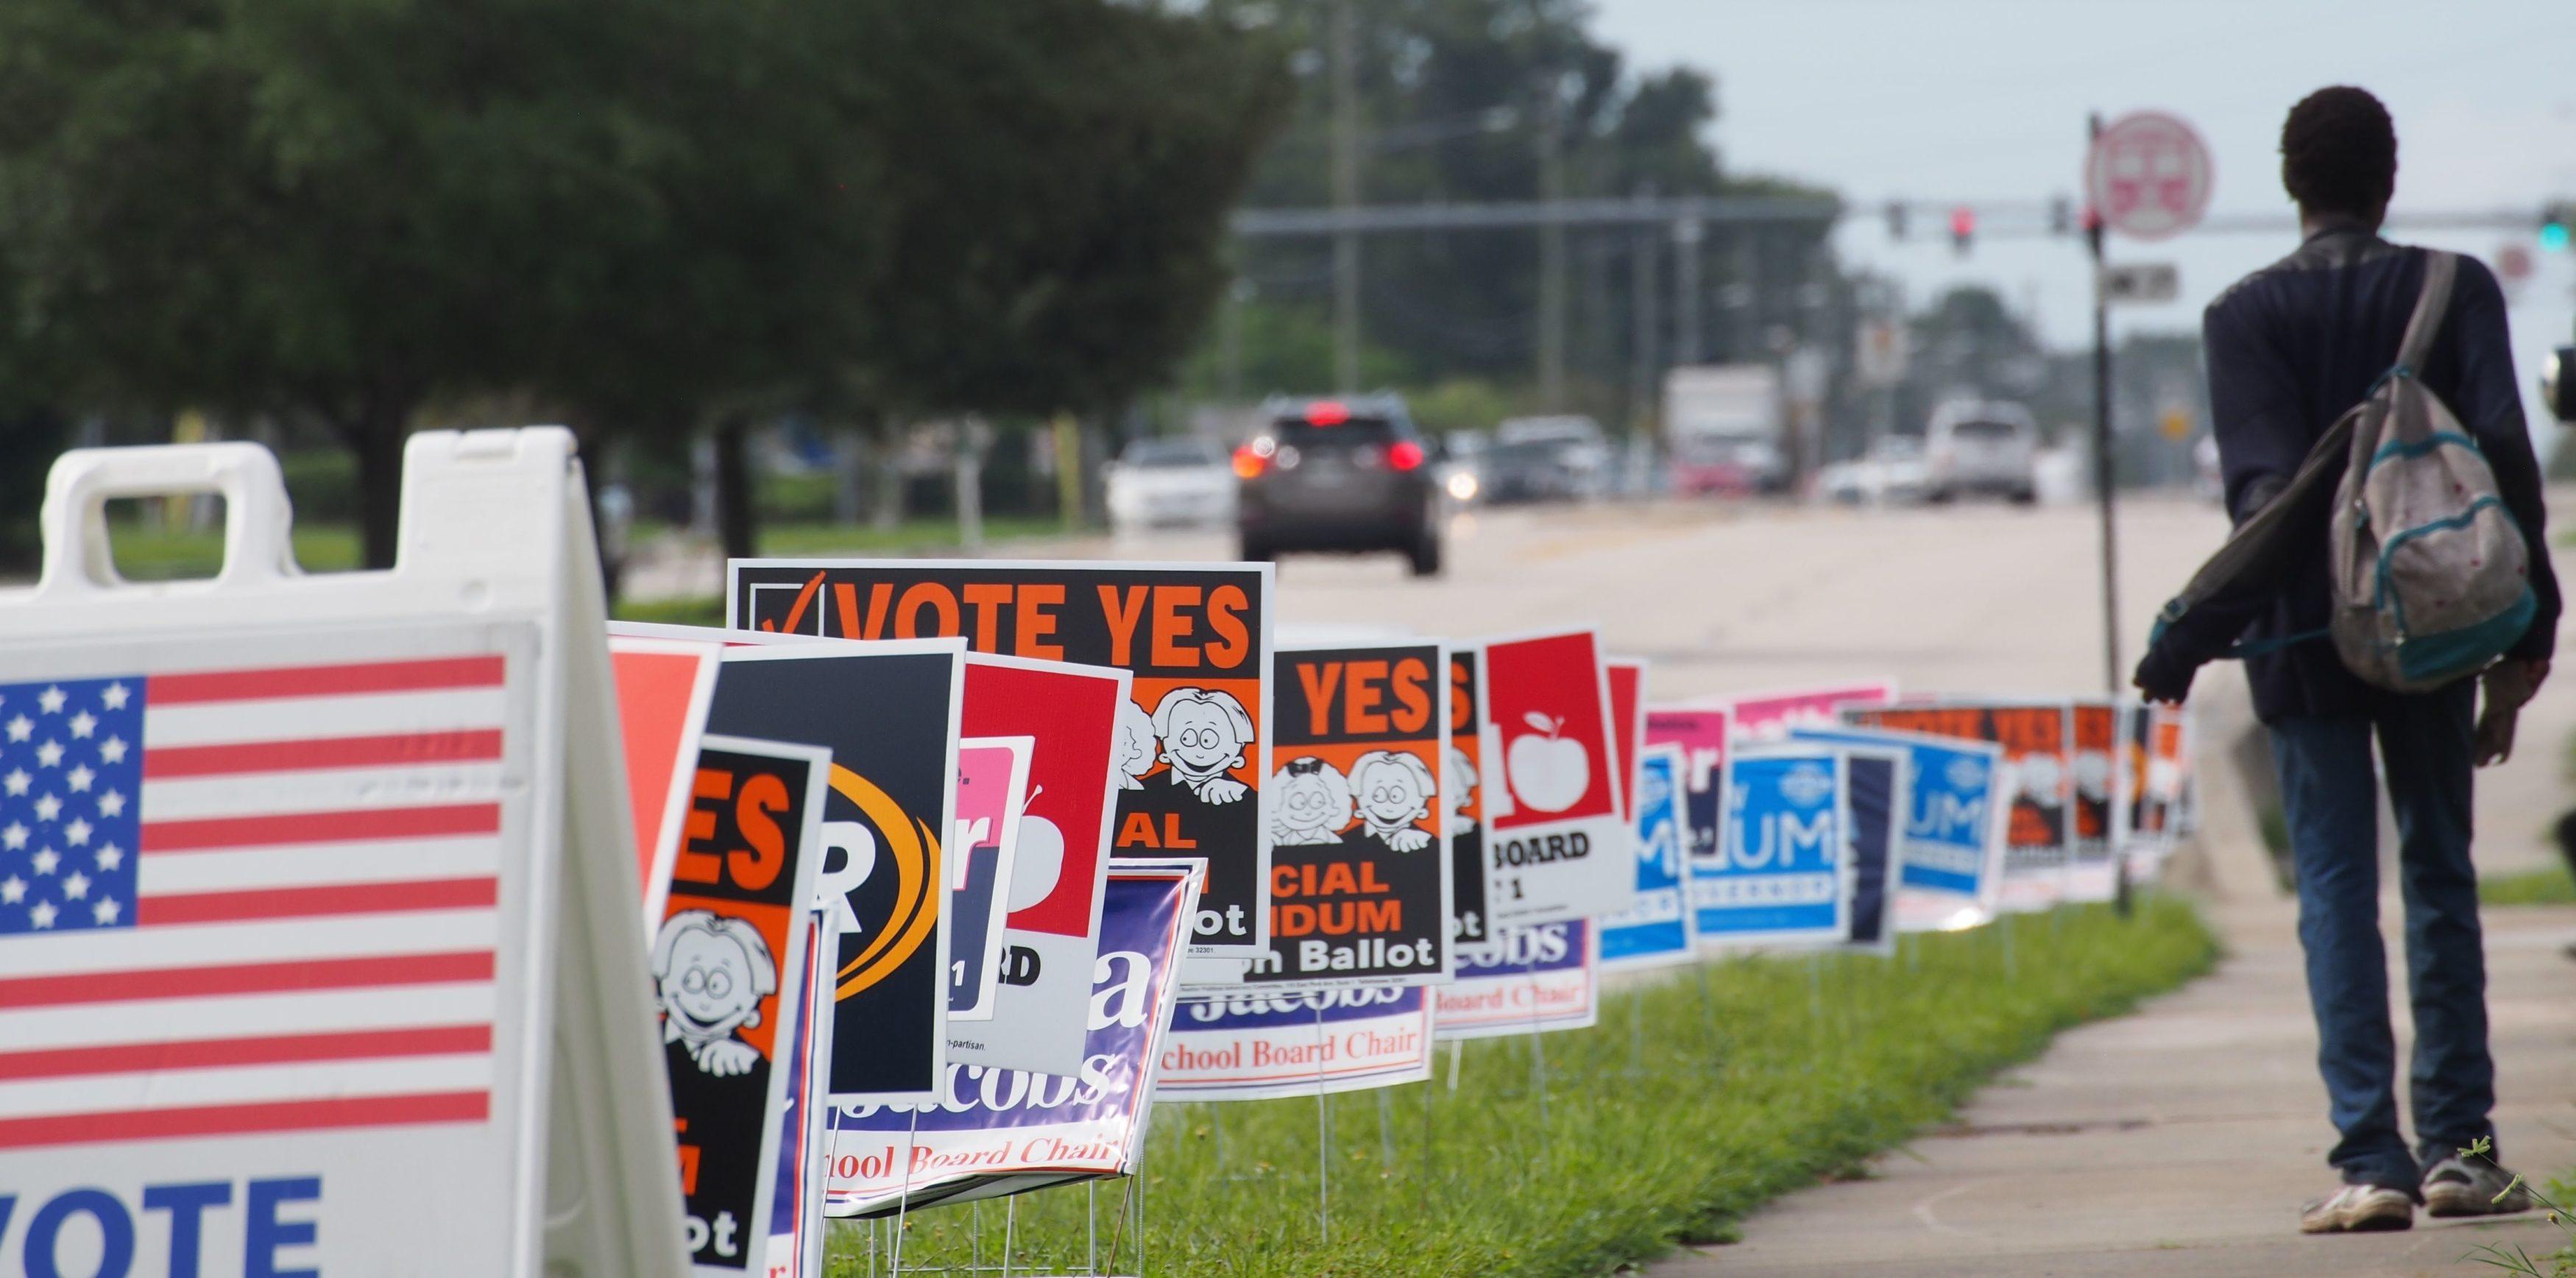 Voting-2018-primary-3500x1736.jpg